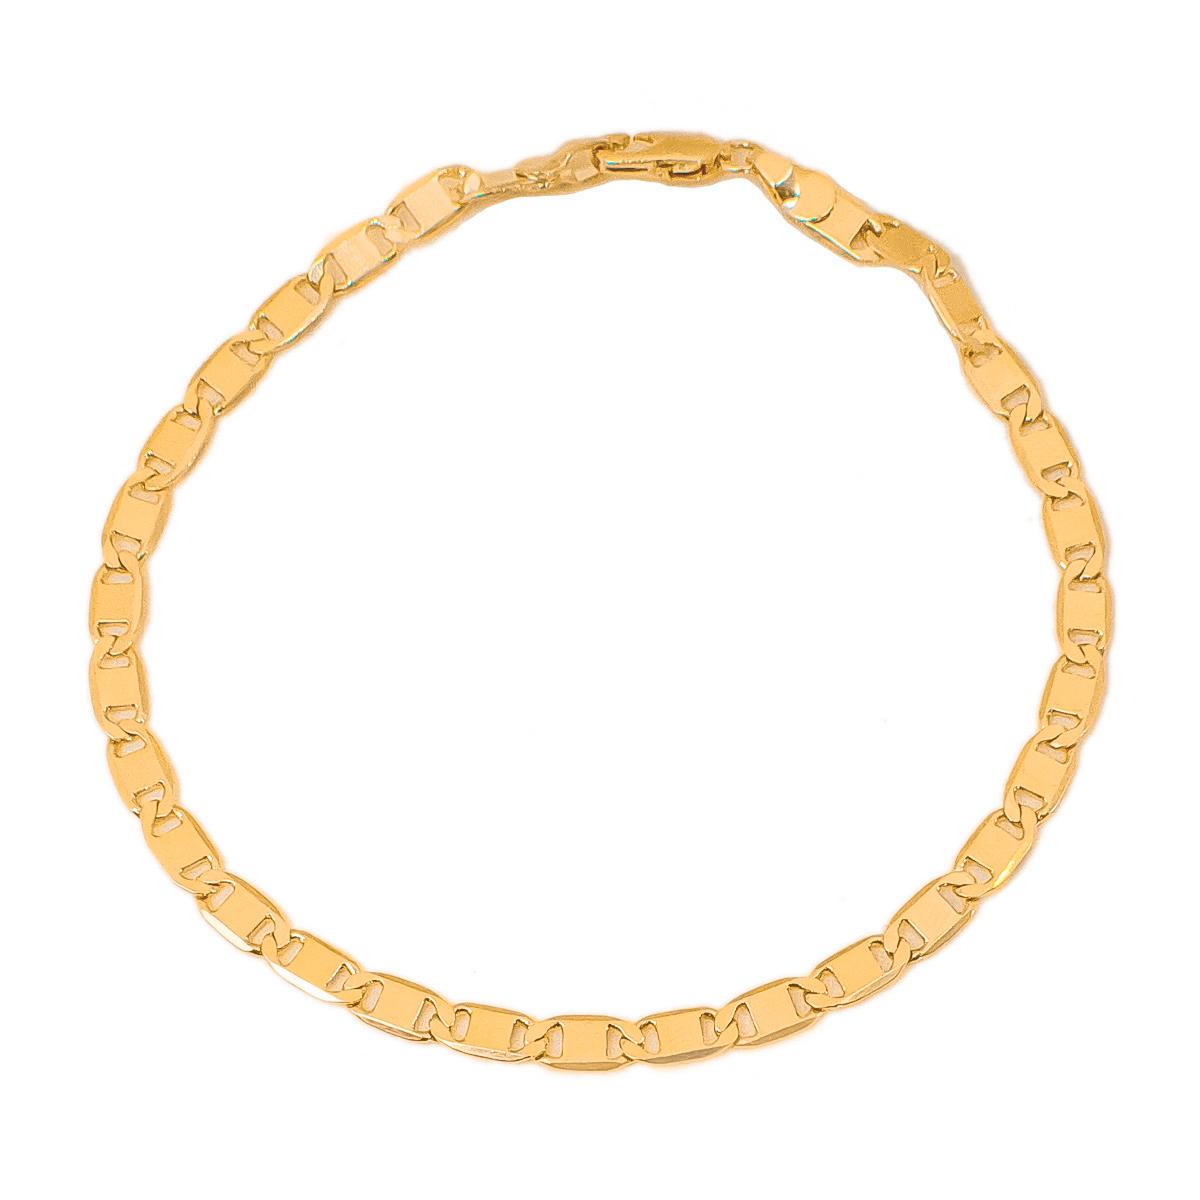 Pulseira Masculina Piastrini 22 cm Folheado Em Ouro